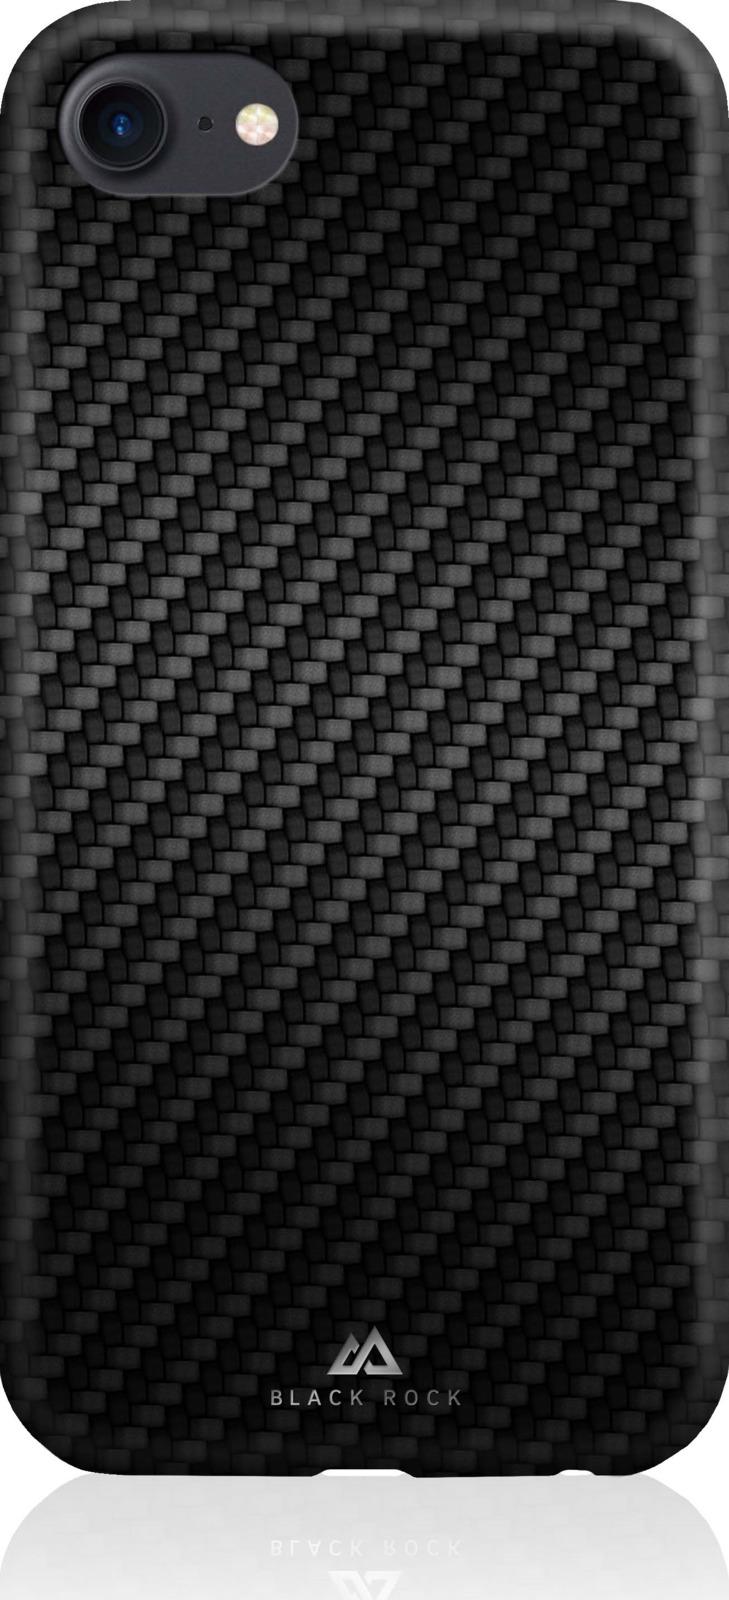 Накладка для сотового телефона Black Rock Flex Carbon Case для Apple iPhone 8 / 7 / 6/6S, цвет: черный шторка для веб камеры black rock цвет черный